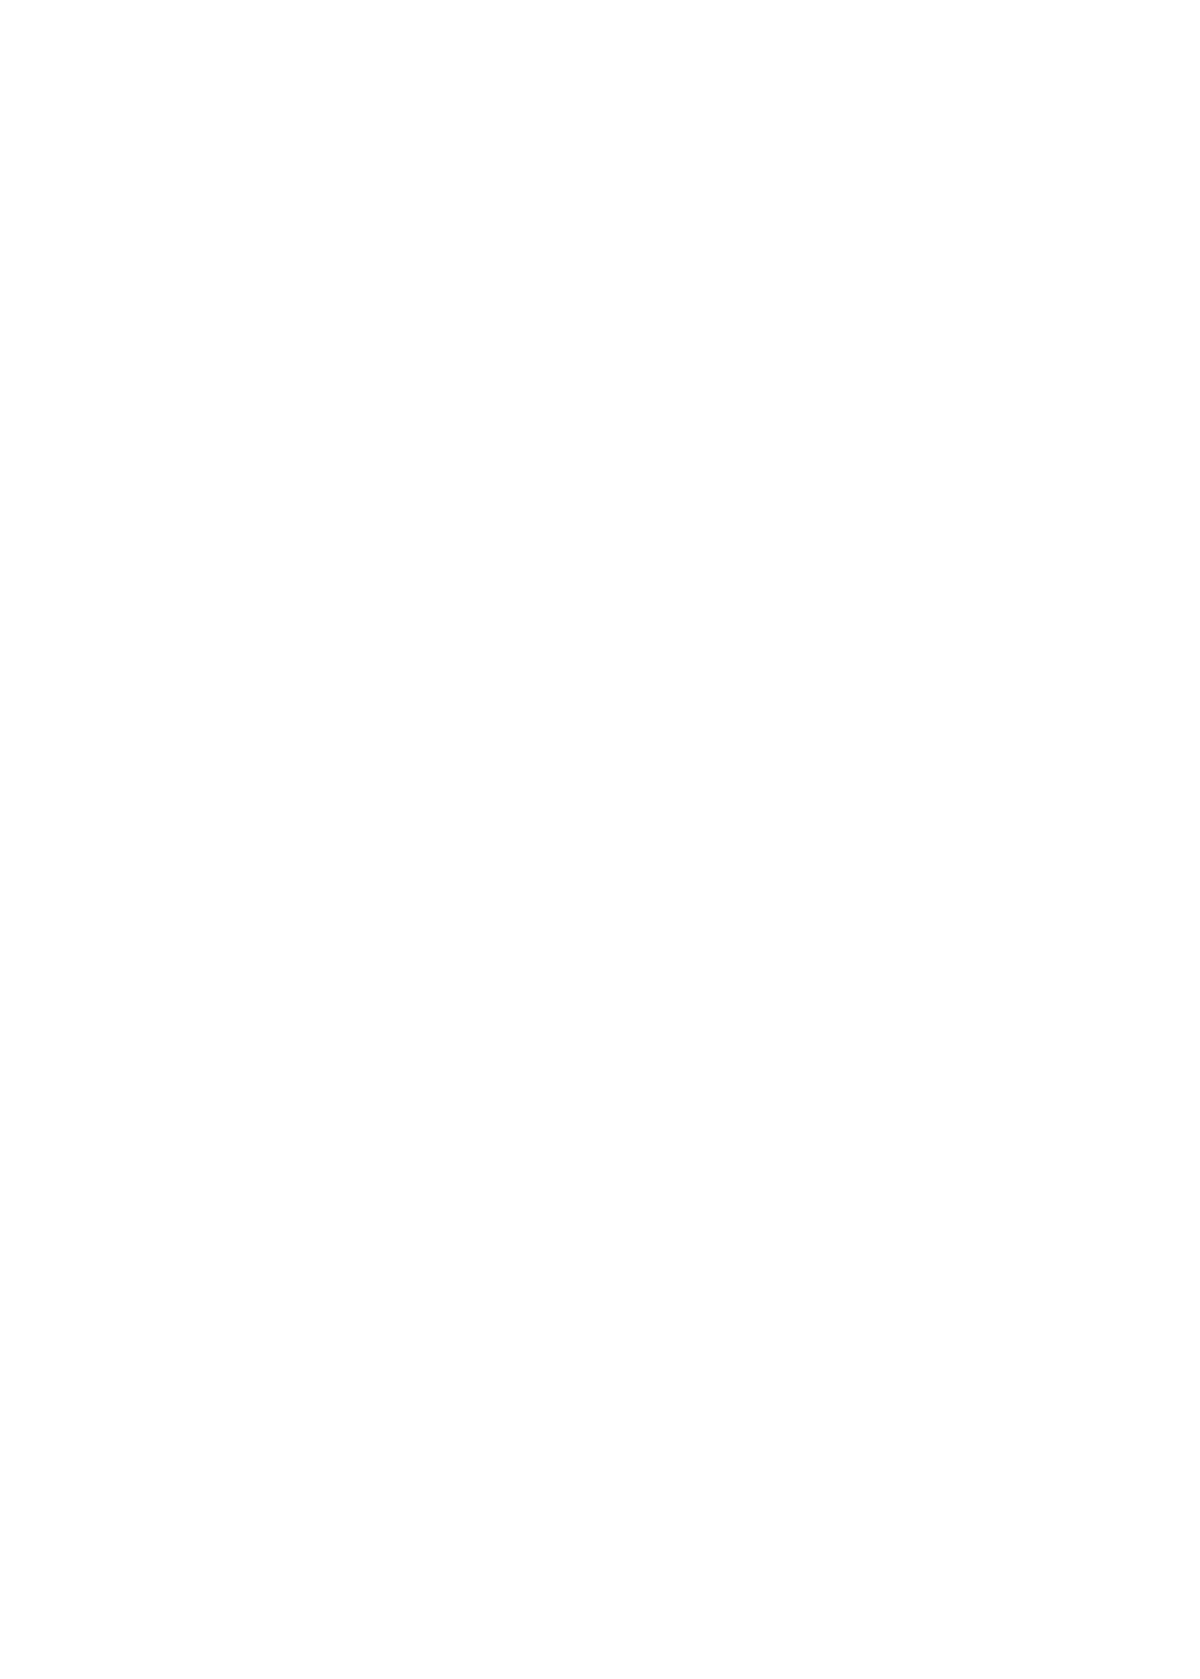 [Alice no Takarabako (Mizuryu Kei)] Mitsubachi no Yakata Nigou-kan Seventh Heaven-ten (Final Fantasy VII) [English] [biribiri] [Digital] 2